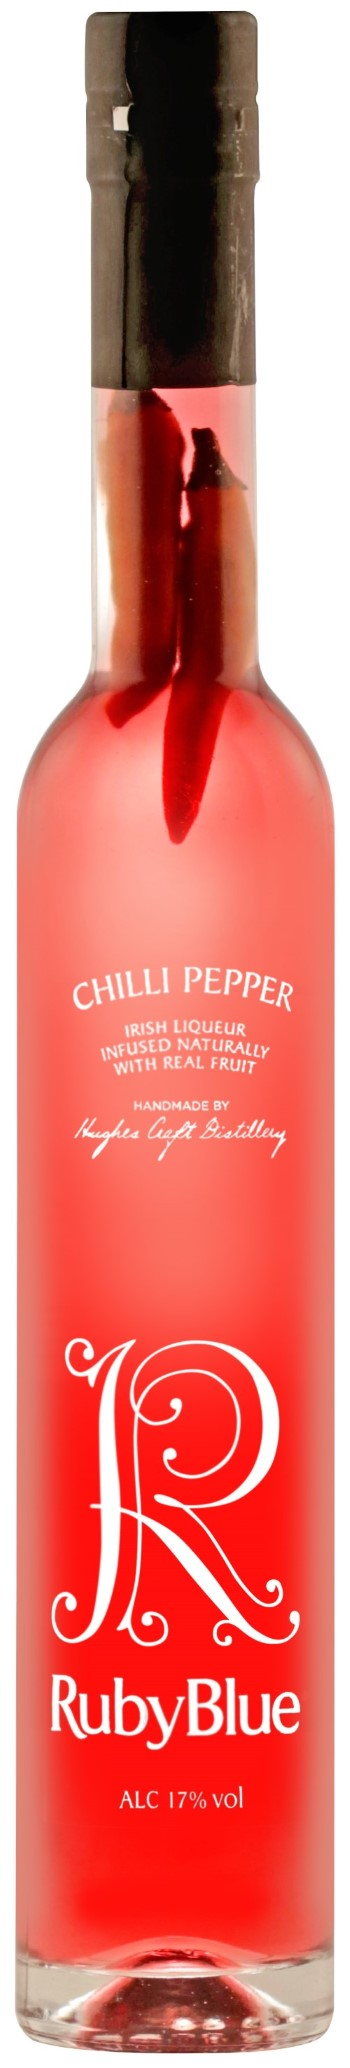 World's Best Spice Liqueur